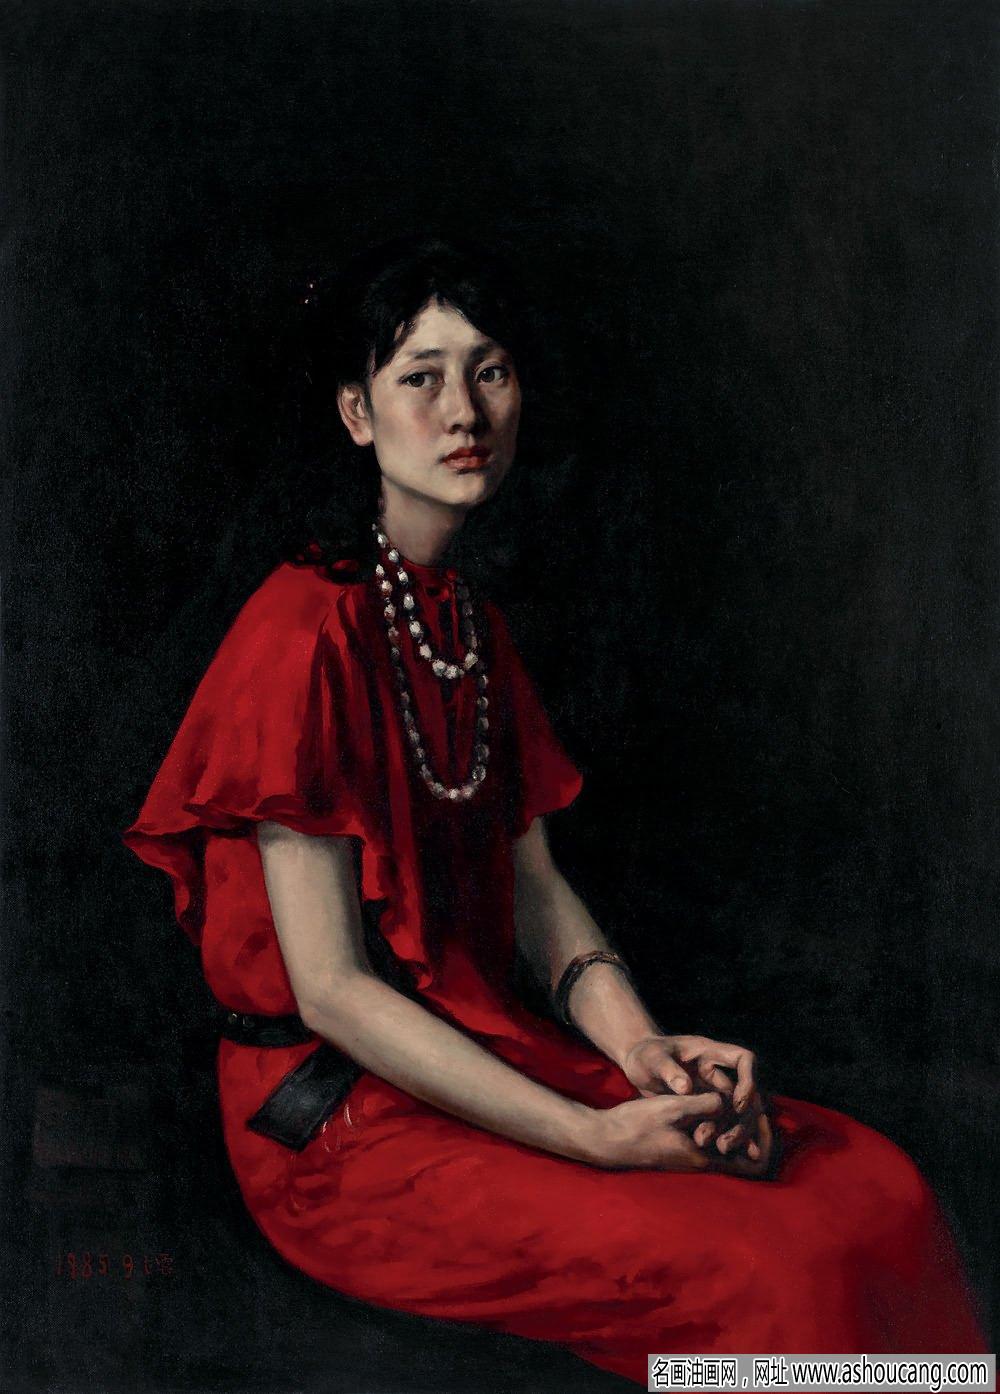 杨飞云人物油画作品《红裙子》欣赏